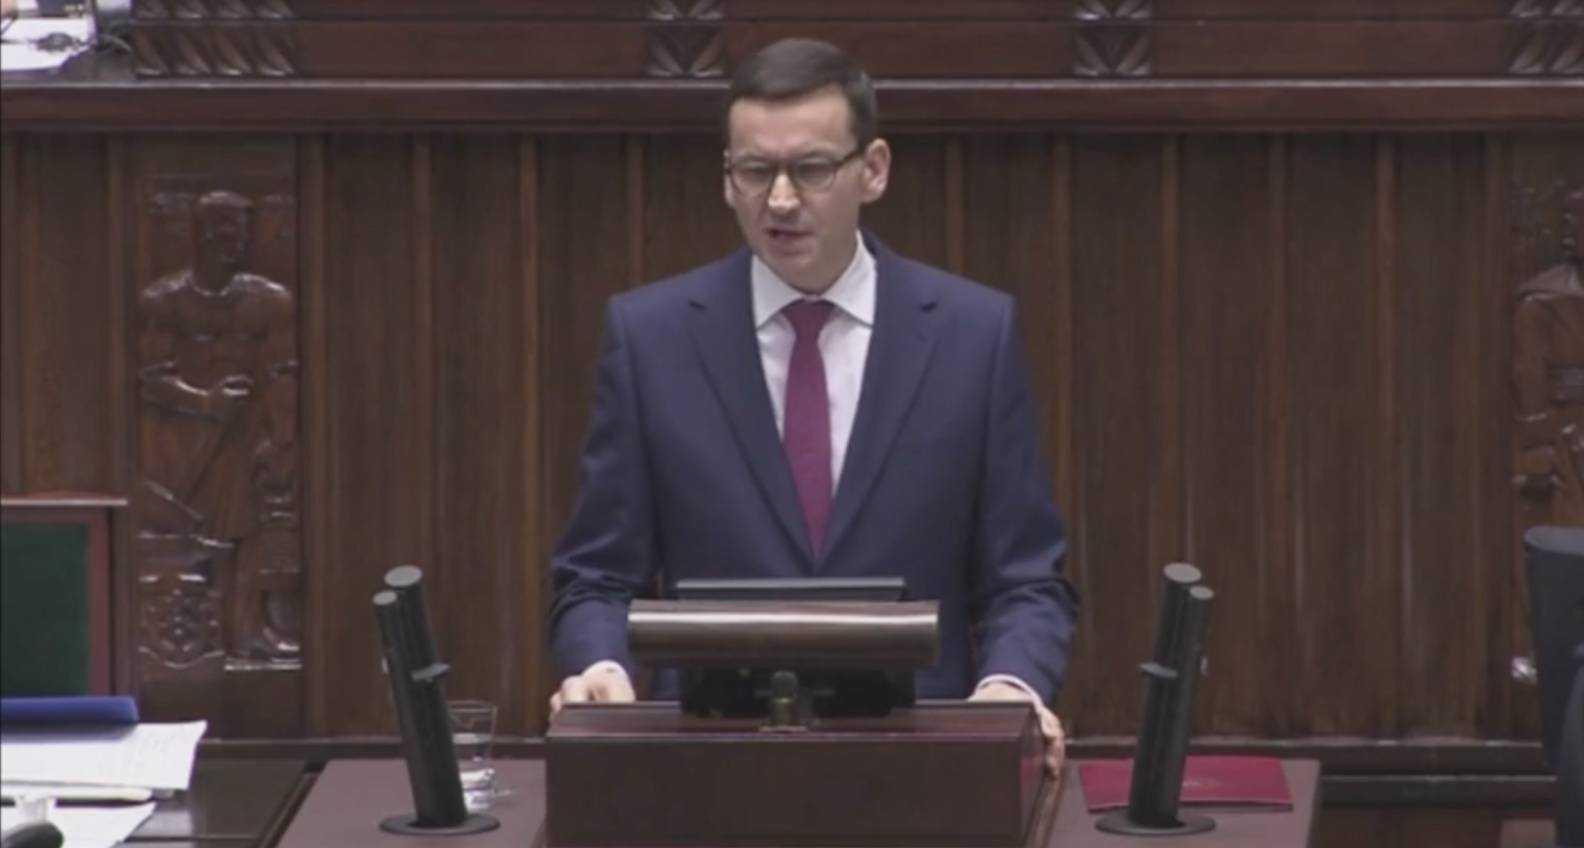 YouTube przeprasza za błędy w tłumaczeniu przemówienia premiera, ale... Premier tez popełnił błąd! · Wieści24.pl